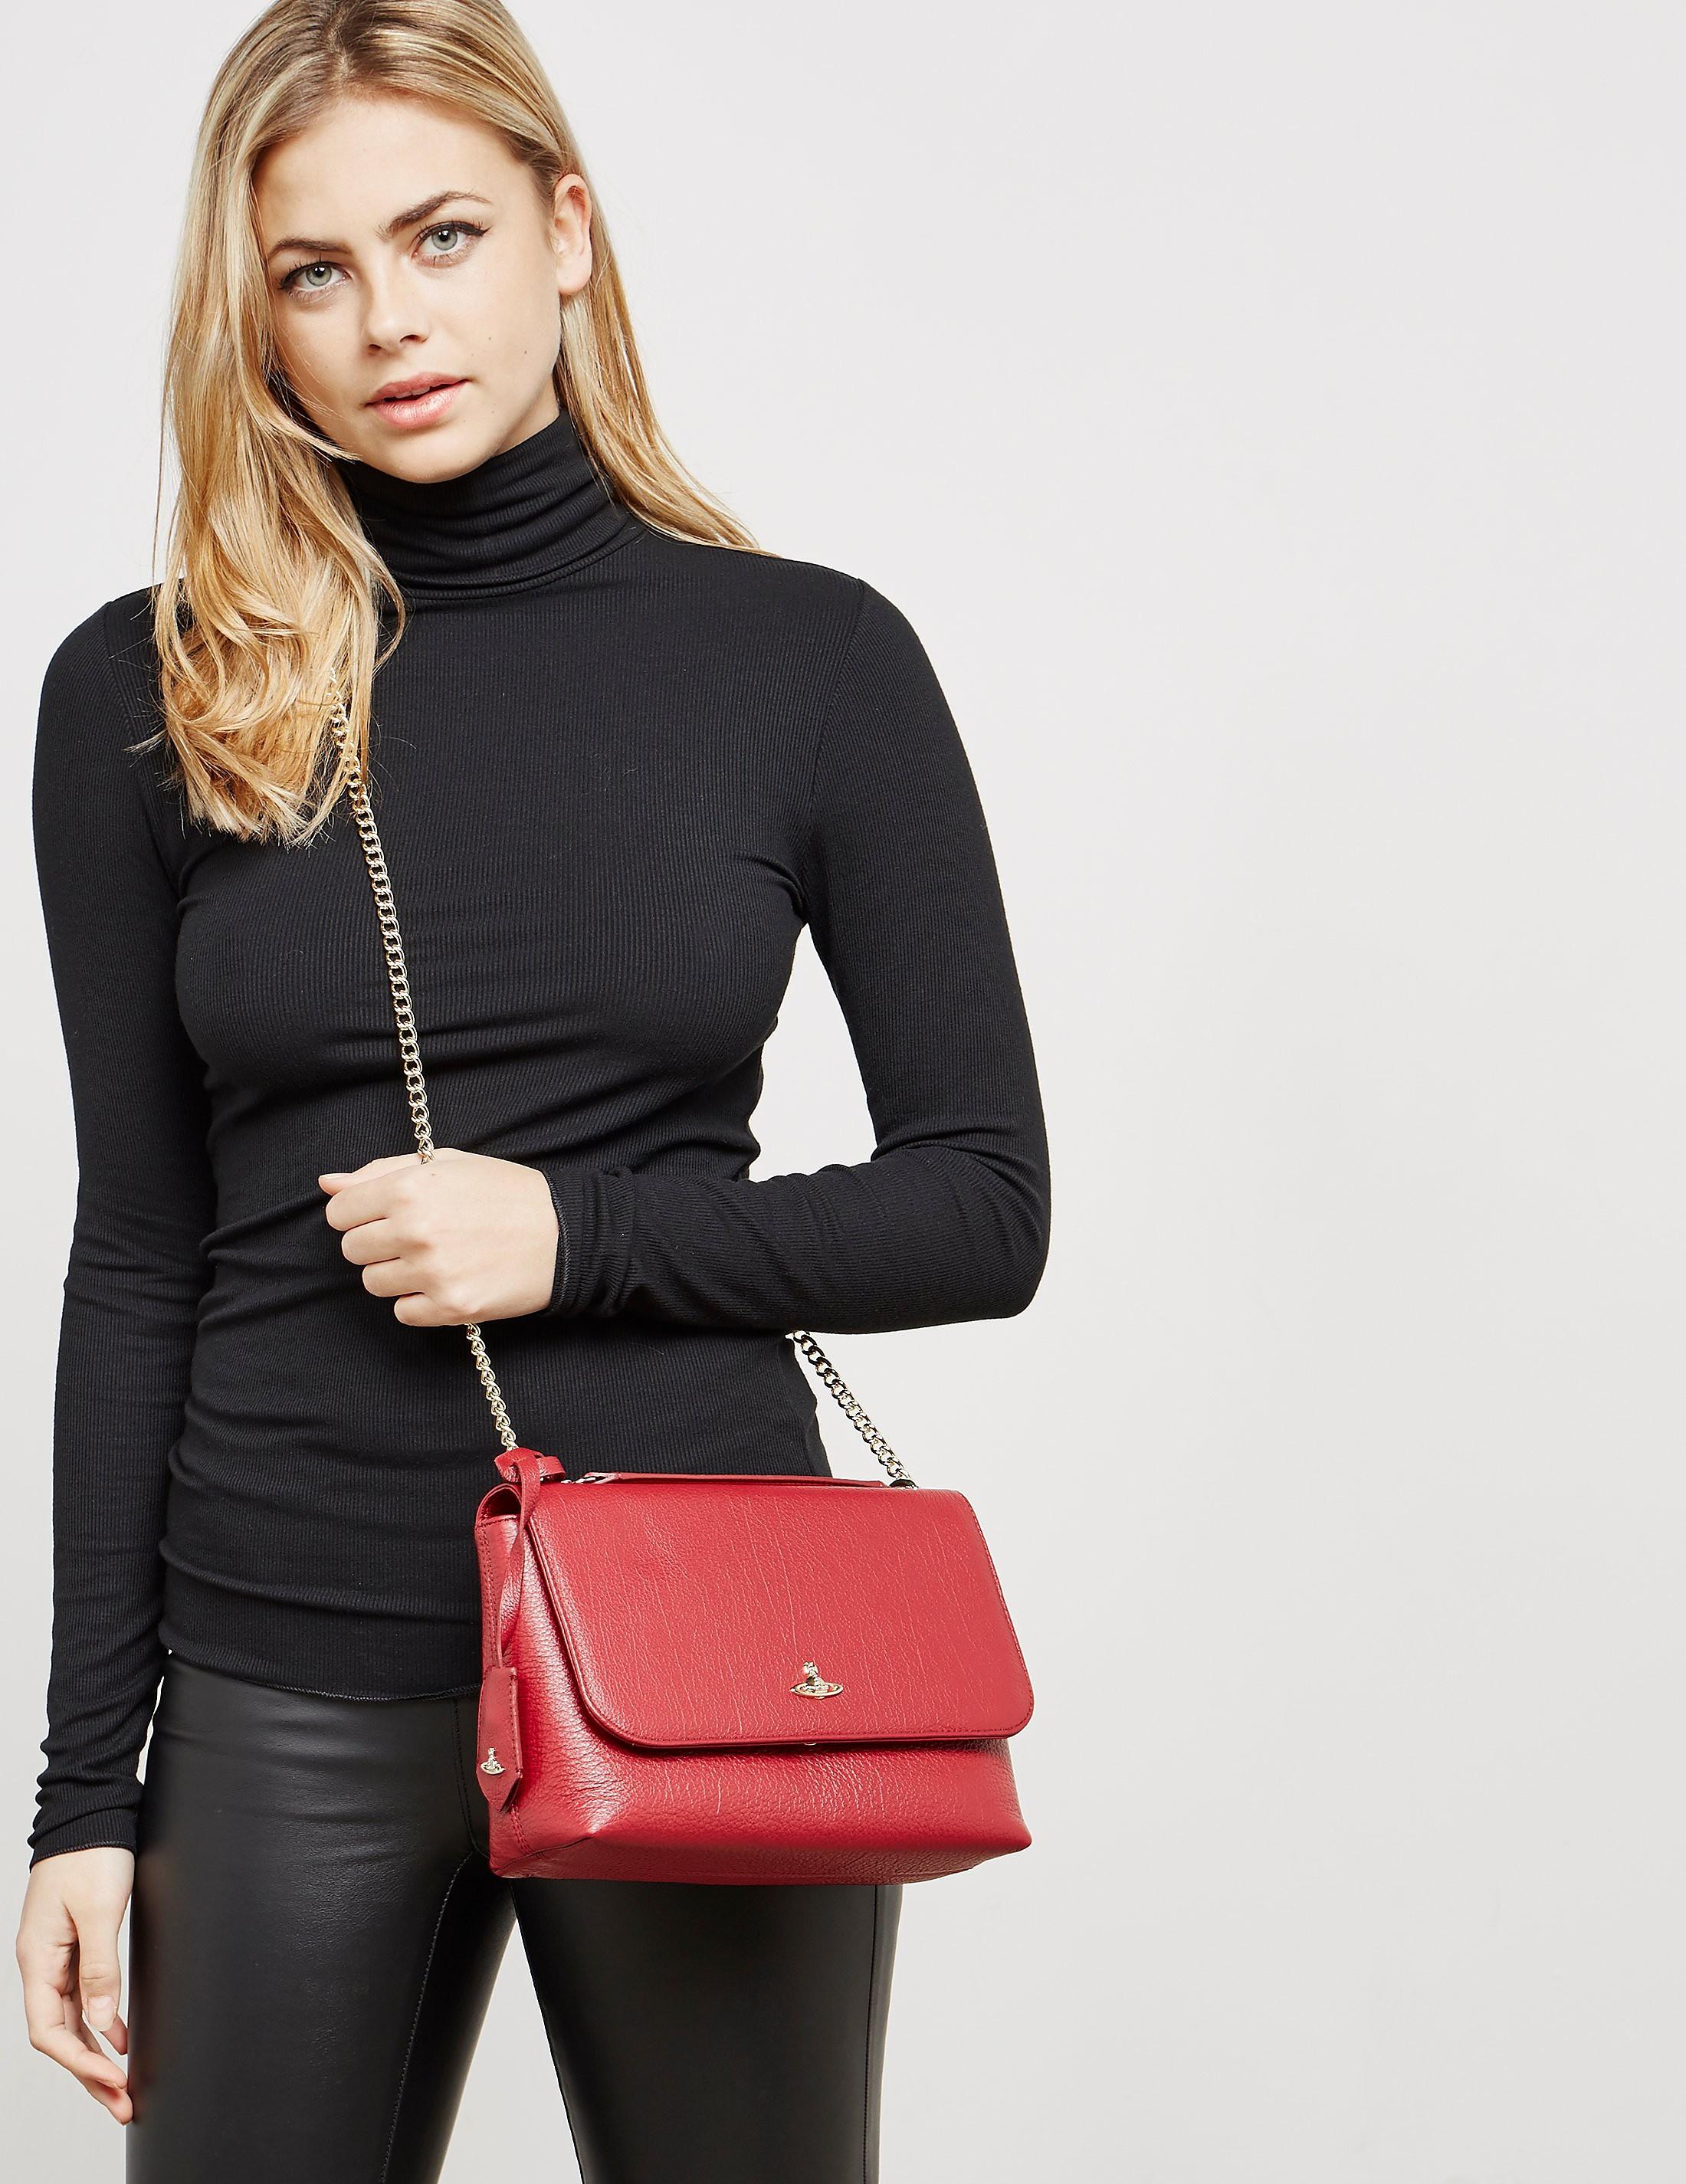 Vivienne Westwood Balmoral Shoulder Bag - Online Exclusive